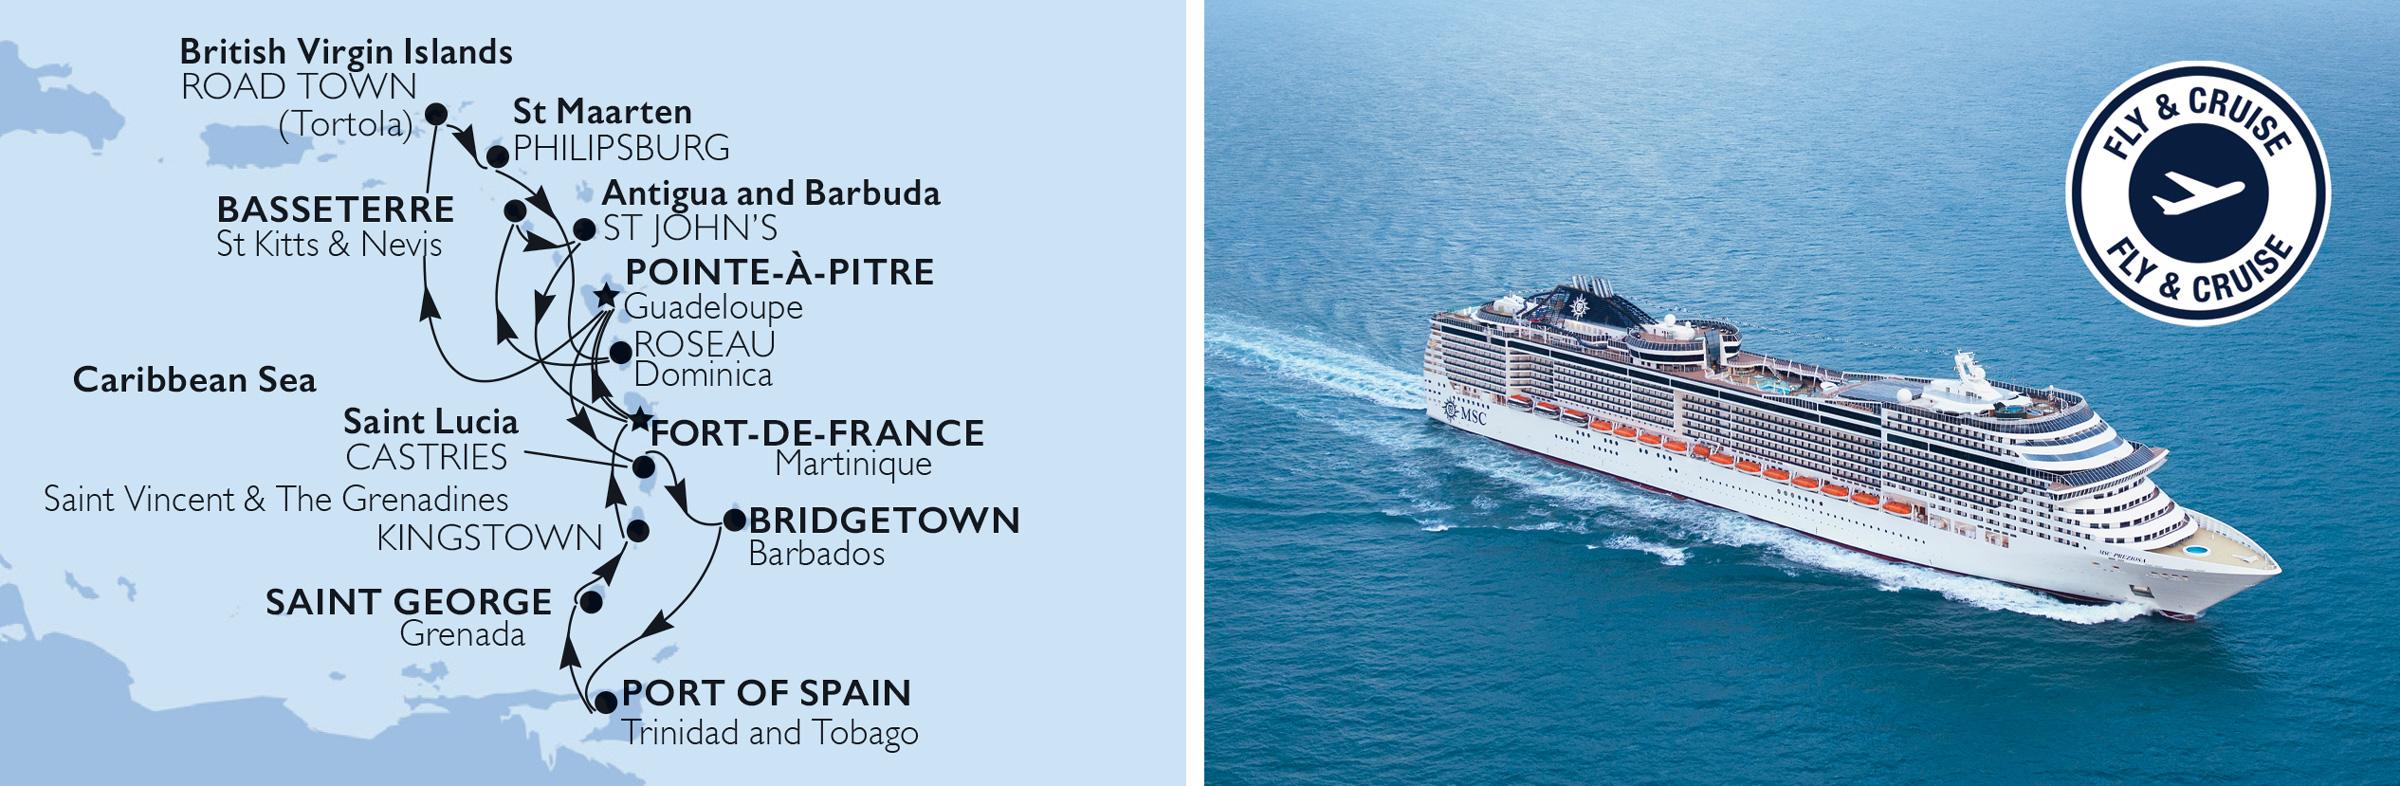 MSC Cruises erbjuder  fram till 20 oktober 2019  en otrolig kampanj. På den här kryssningen med avreseperioden 7 december 2019 till 21 mars 2020 från Fort-de-France upplever du under 14 nätters kryssning med MSC Preziosa 12 paradisöar i vackra Västindien och Antillerna. I kampanjen ingår flyg t/r, transfer till fartyget t/r, kryssning med helpension, all inclusive dryckespaket Easy och Wifi premium. Pris från 21 399 kr per person.